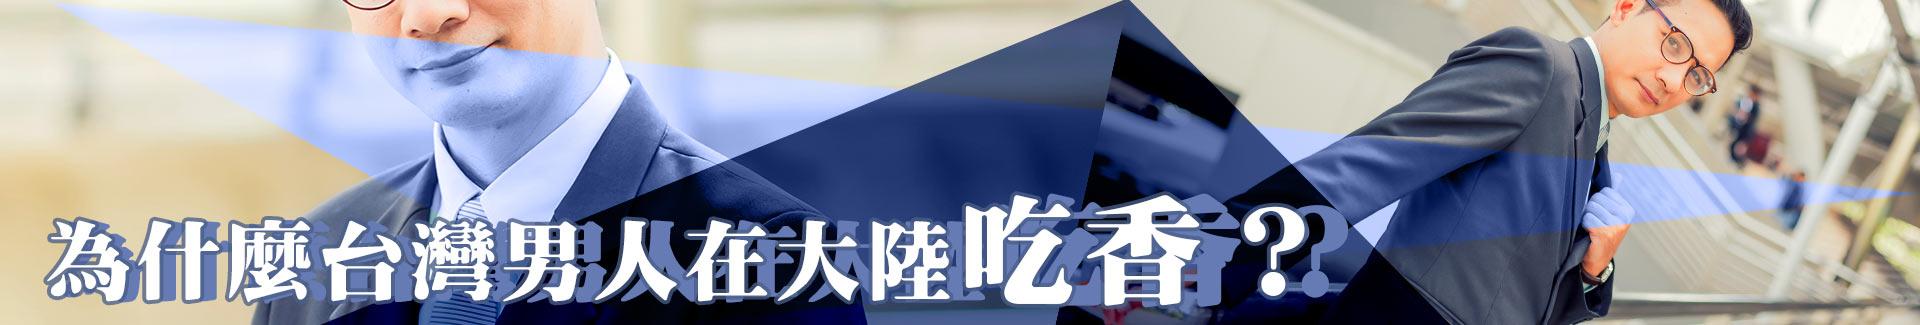 為什麼台灣男人在大陸吃香?